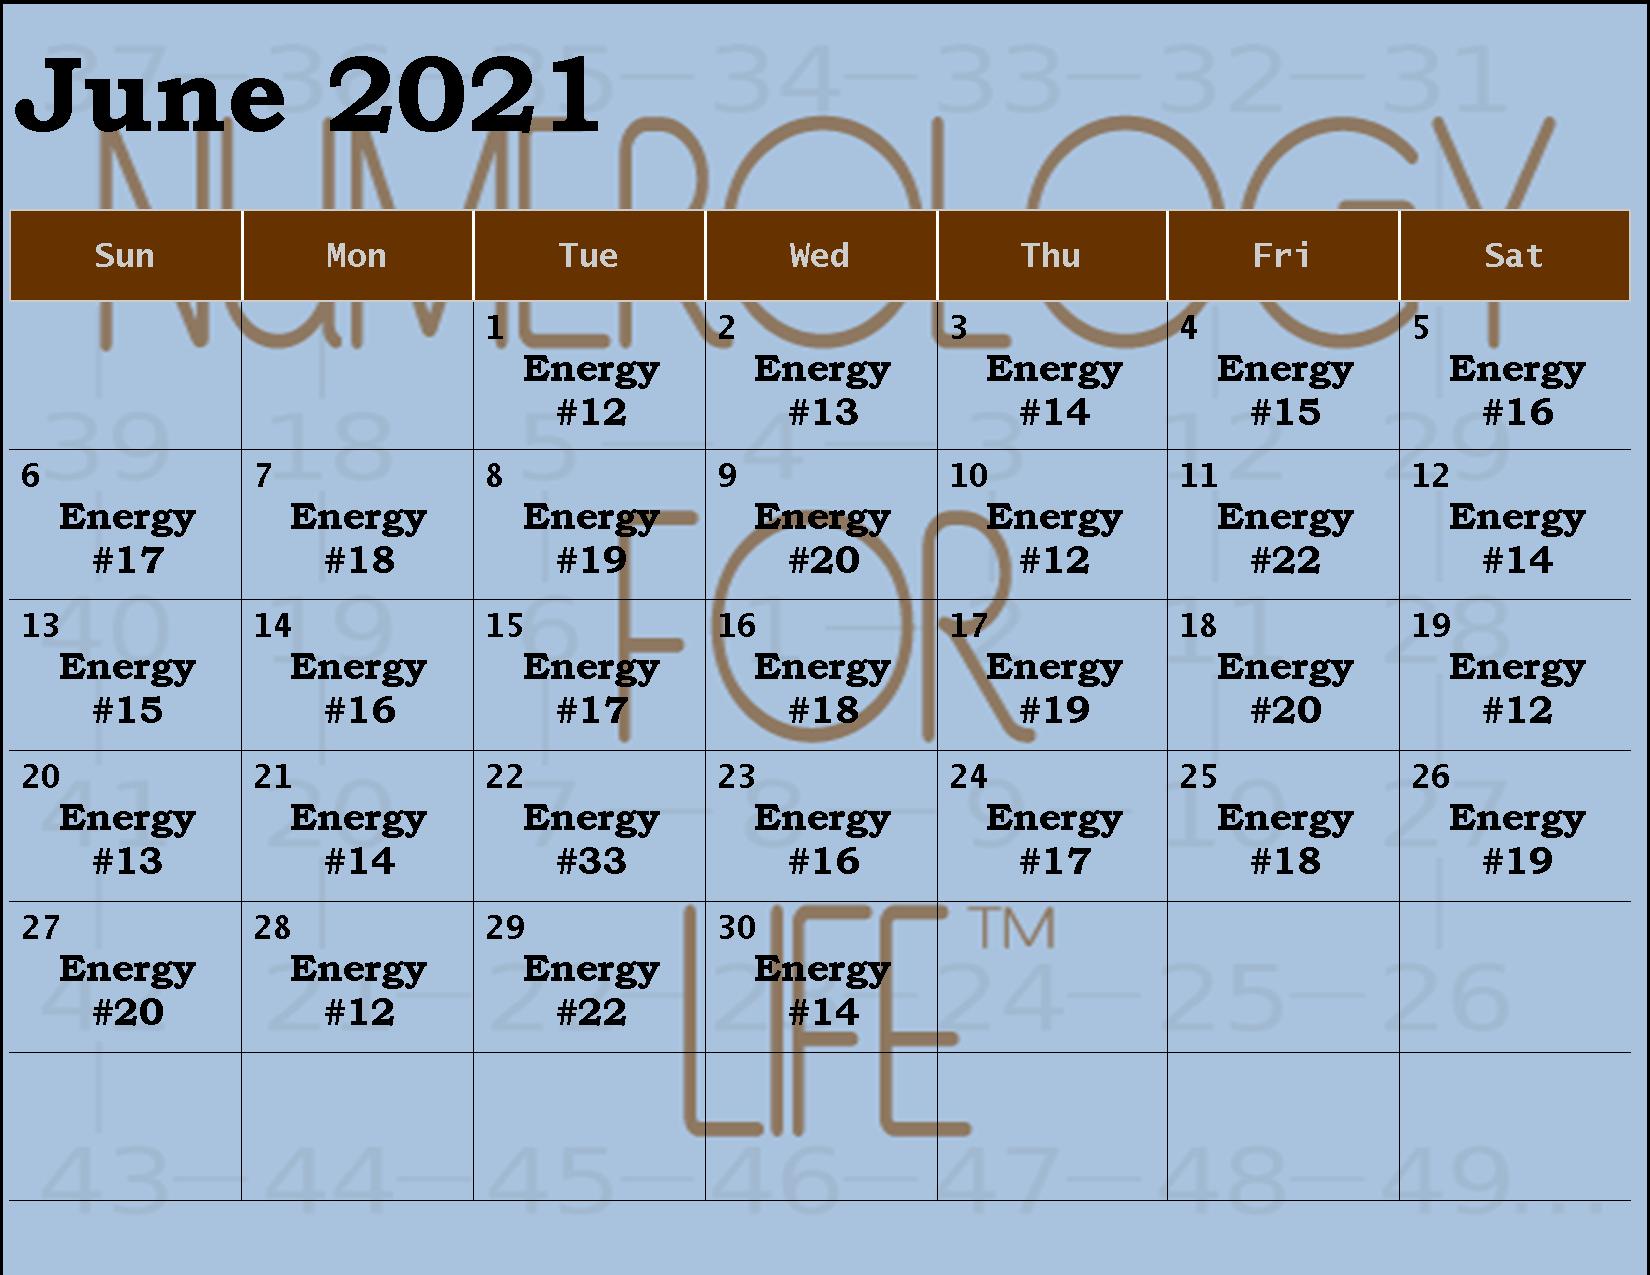 JUN 2021